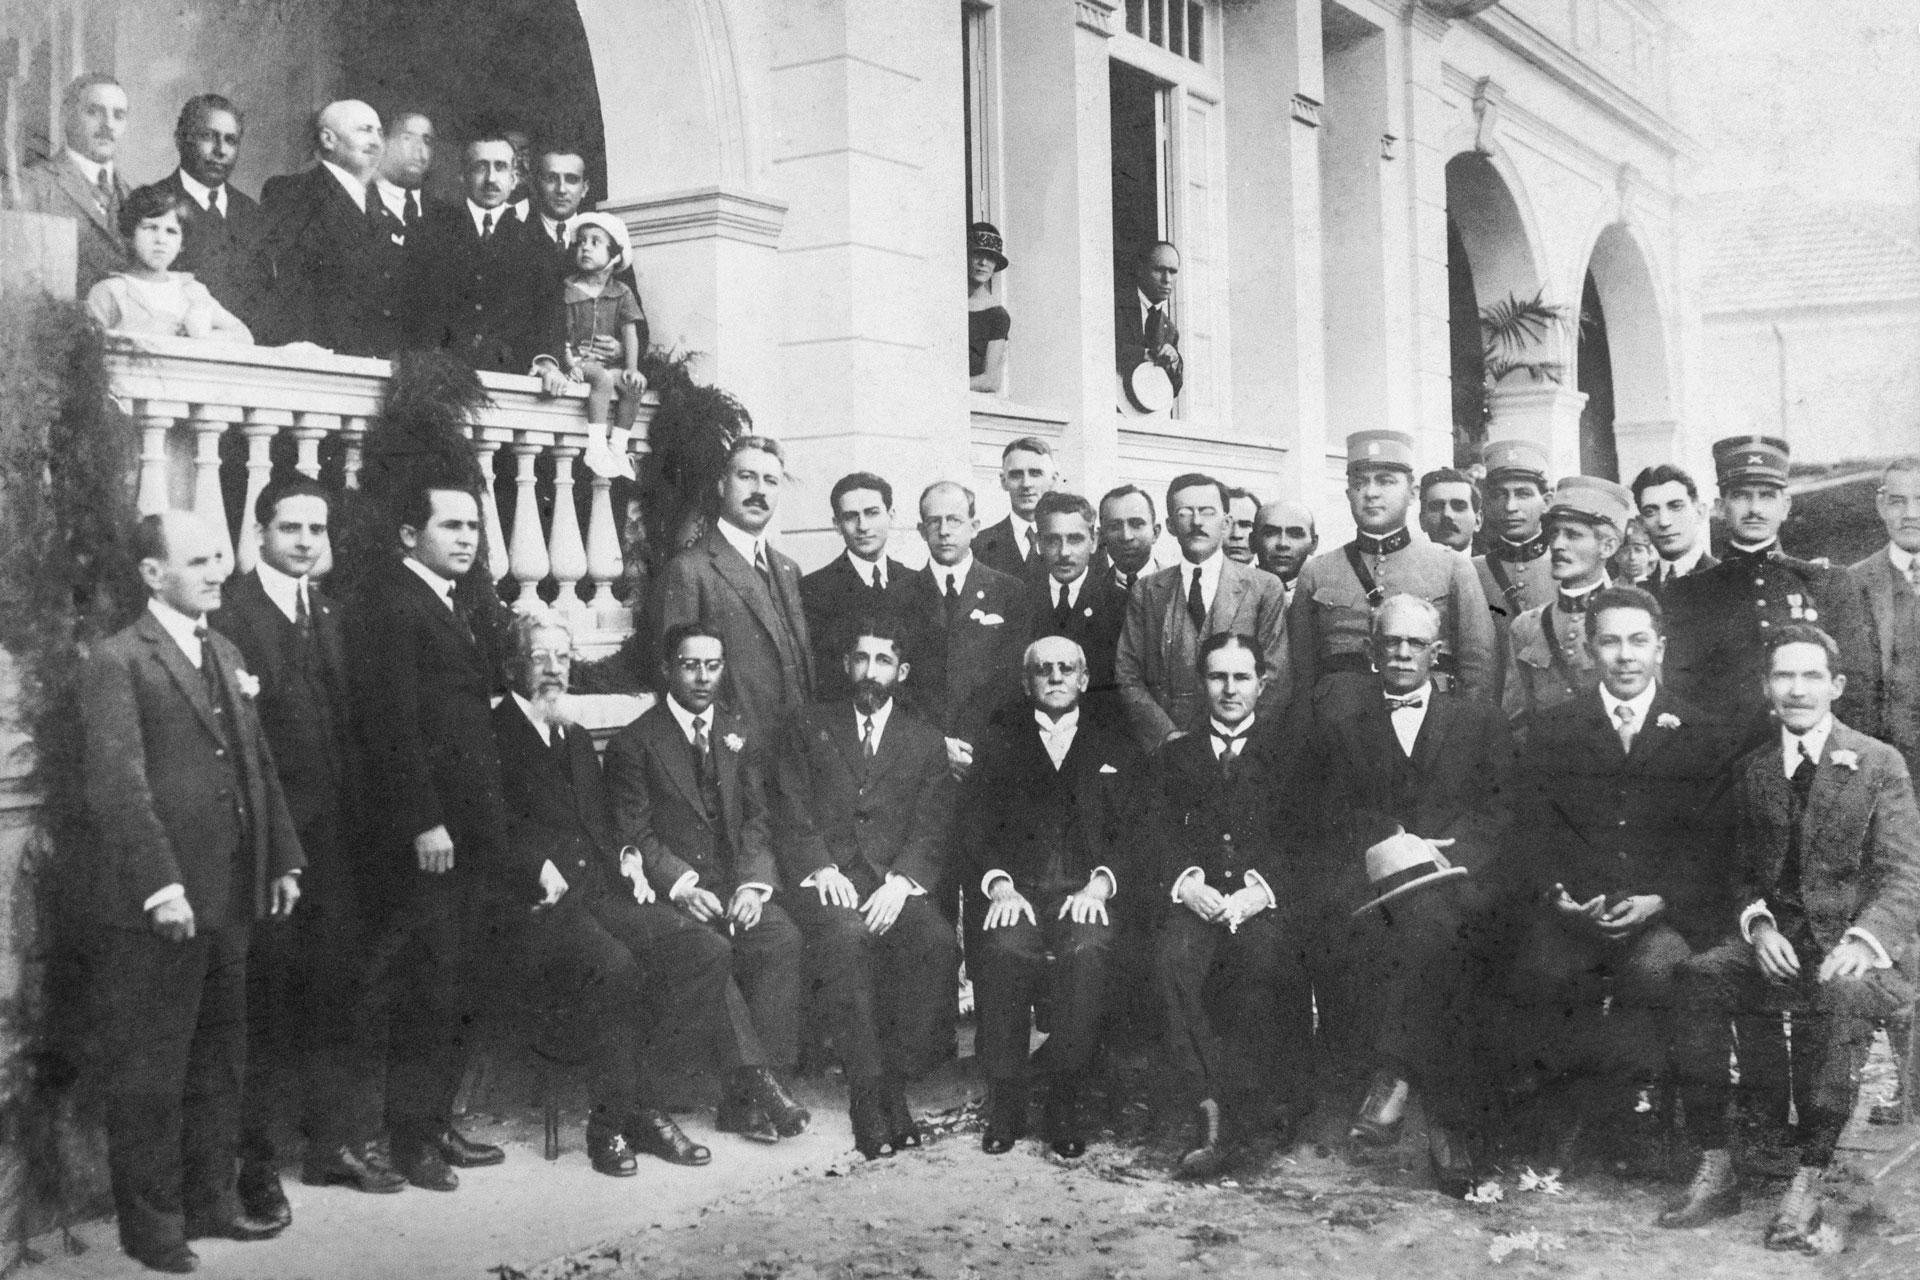 Insatisfeitos com o Partido Republicano Paulista, Marrey Junior e outros dissidentes se uniram ao ex-prefeito Antonio Prado para fundar, em 1926, o Partido Democrático